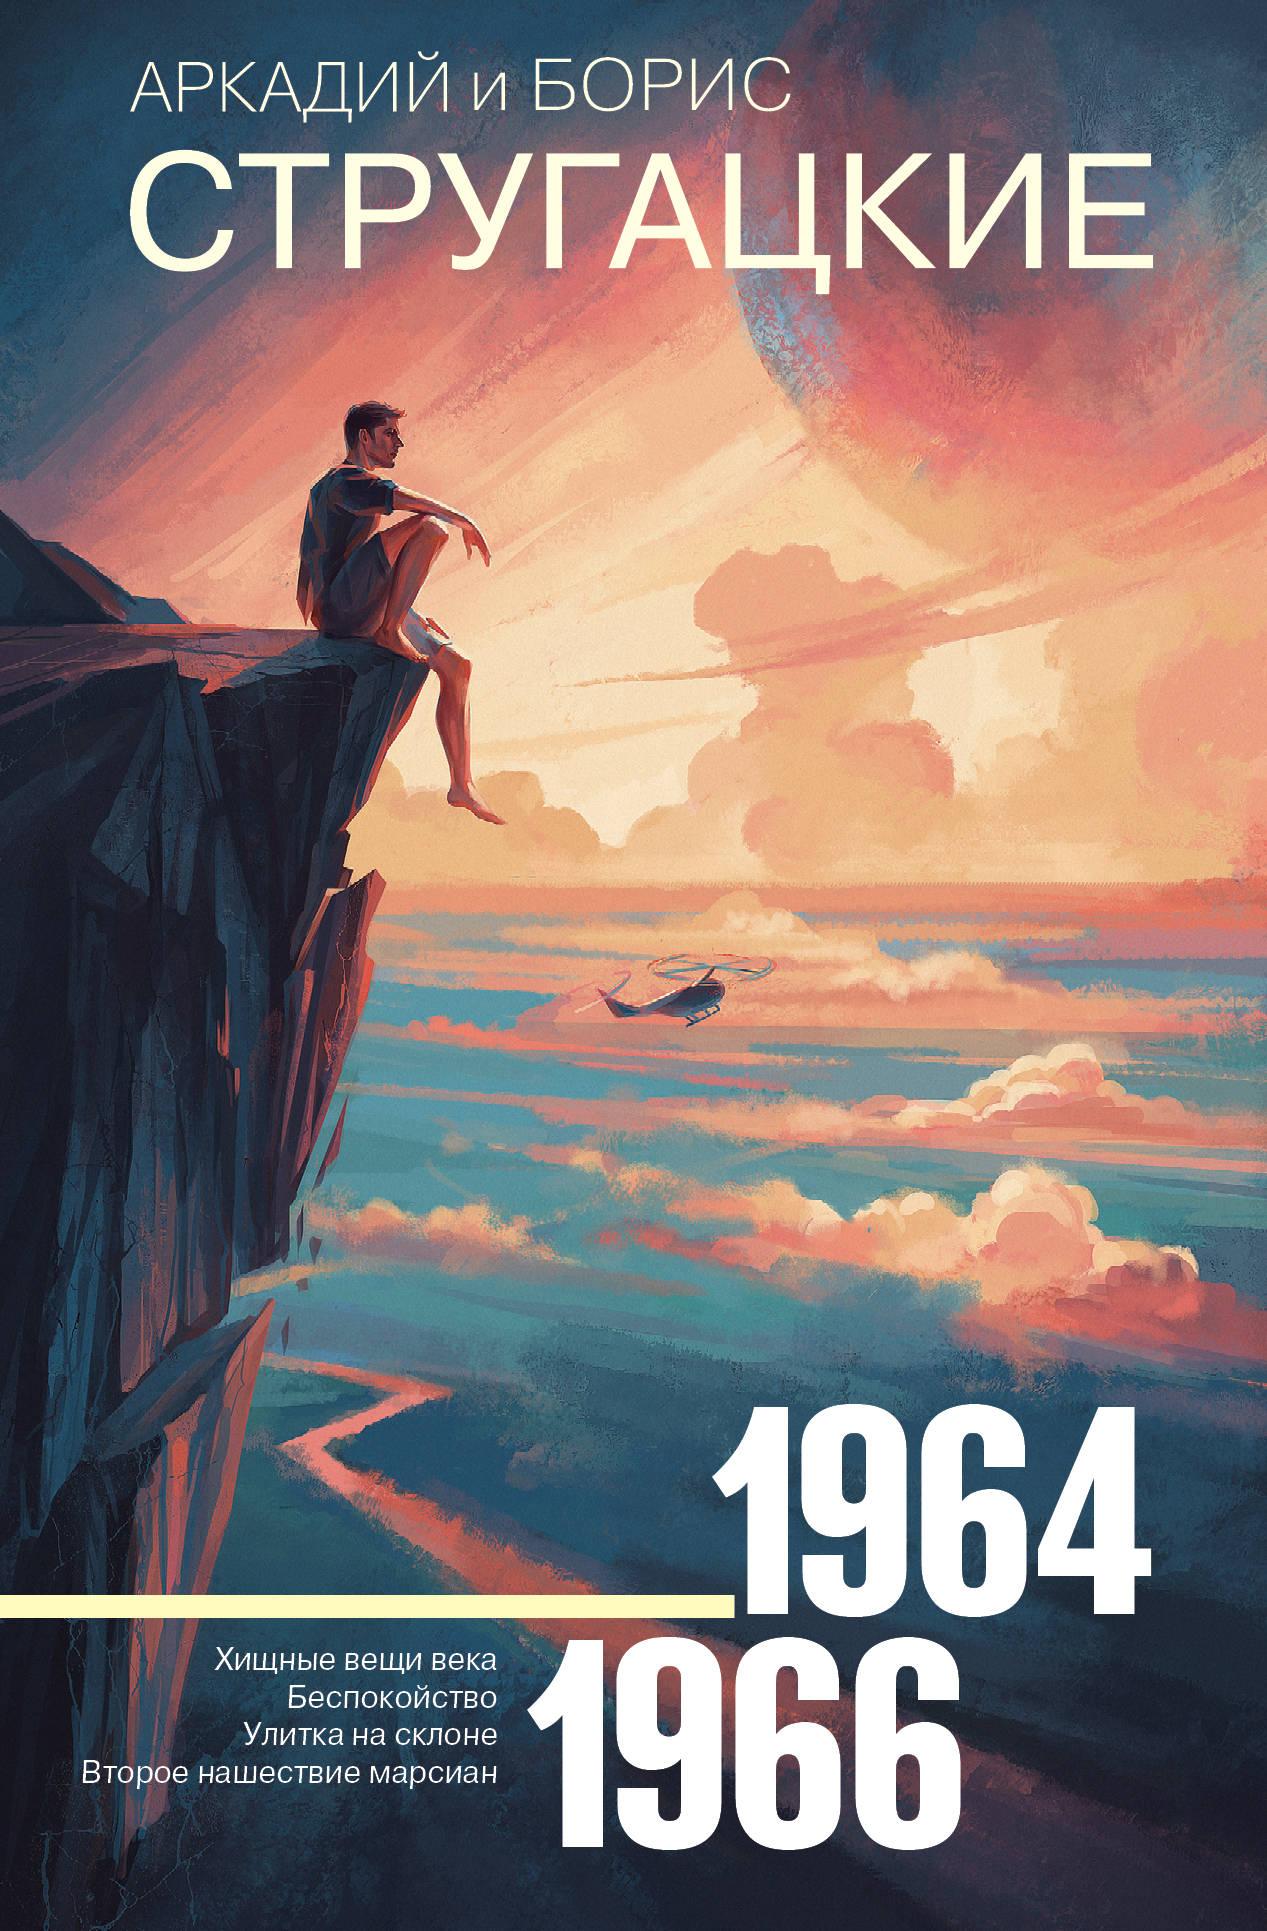 А. Стругацкий,Б. Н. Стругацкий Аркадий и Борис Стругацкие. Собрание сочинений. Том 4. 1964-1966